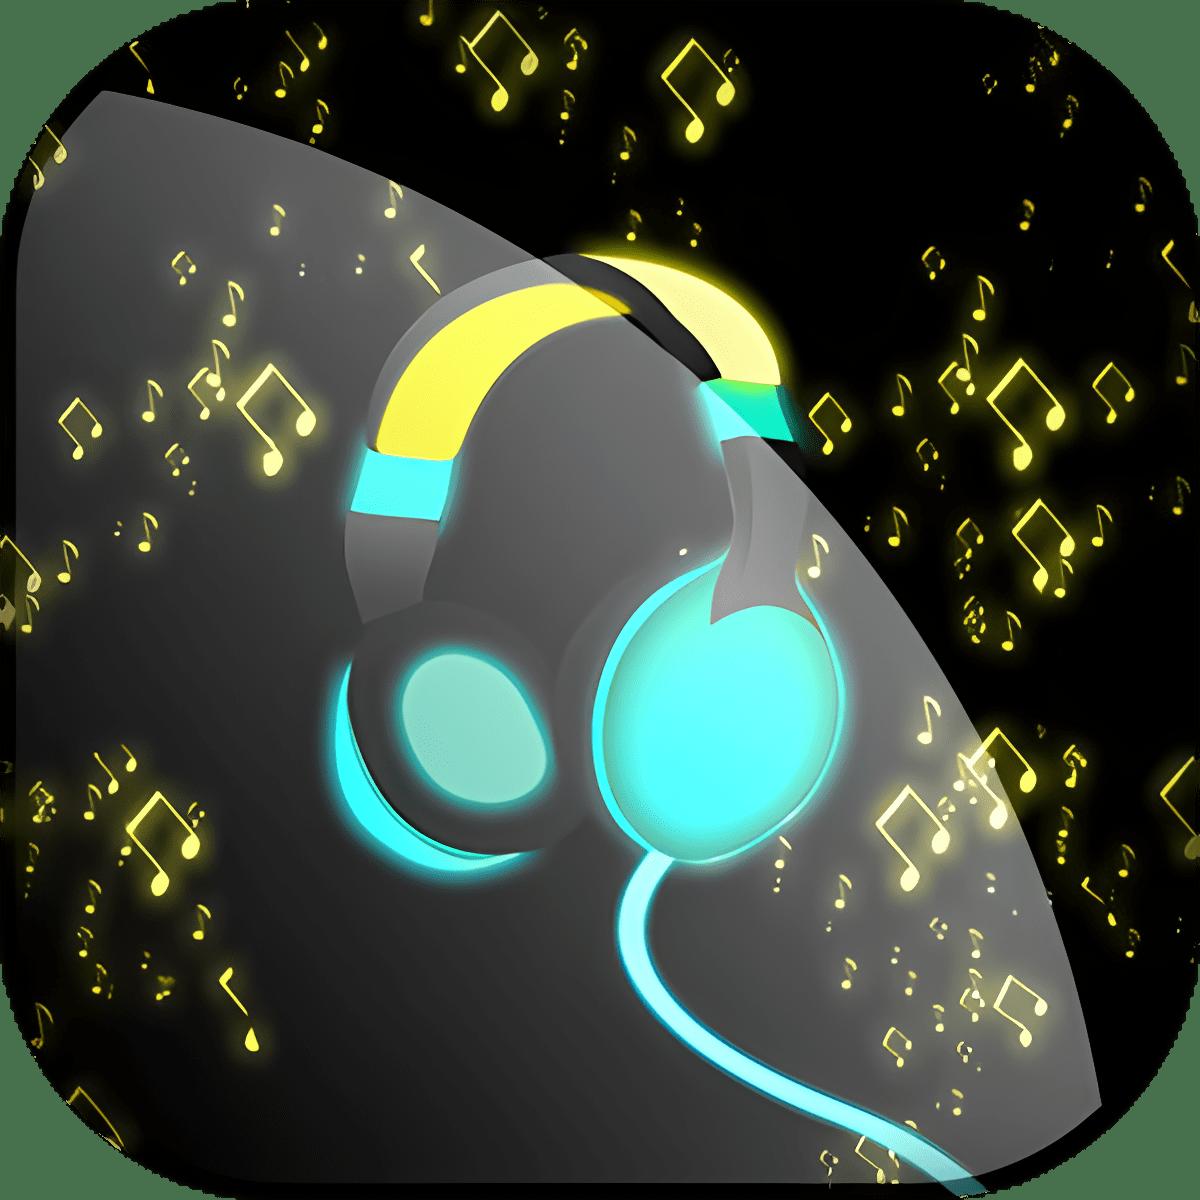 Música Live Wallpaper